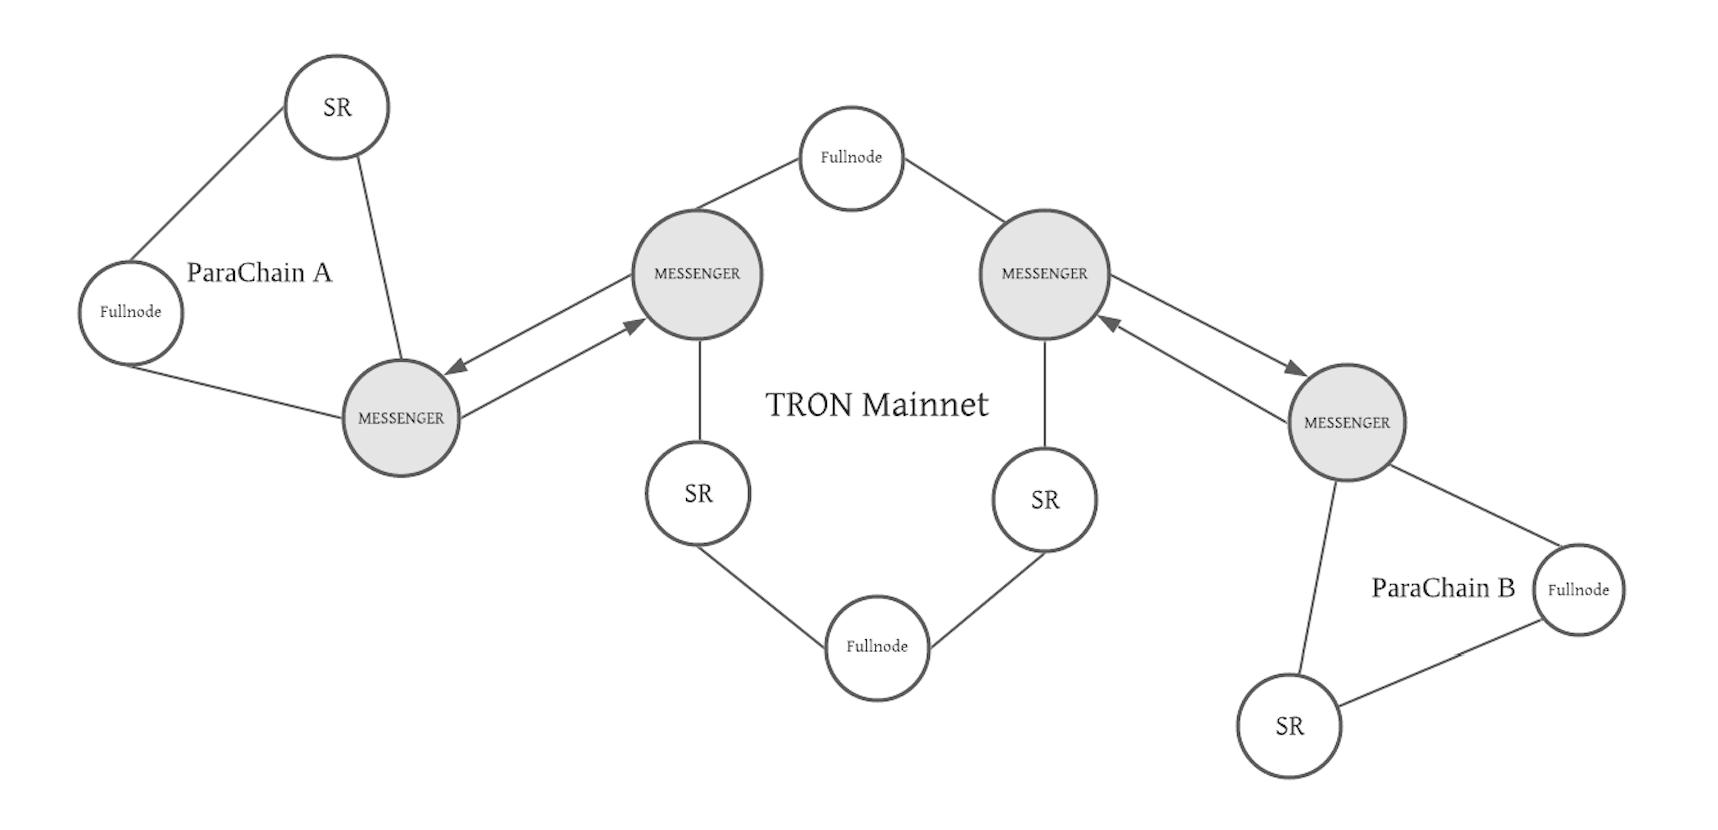 TRON跨链架构图